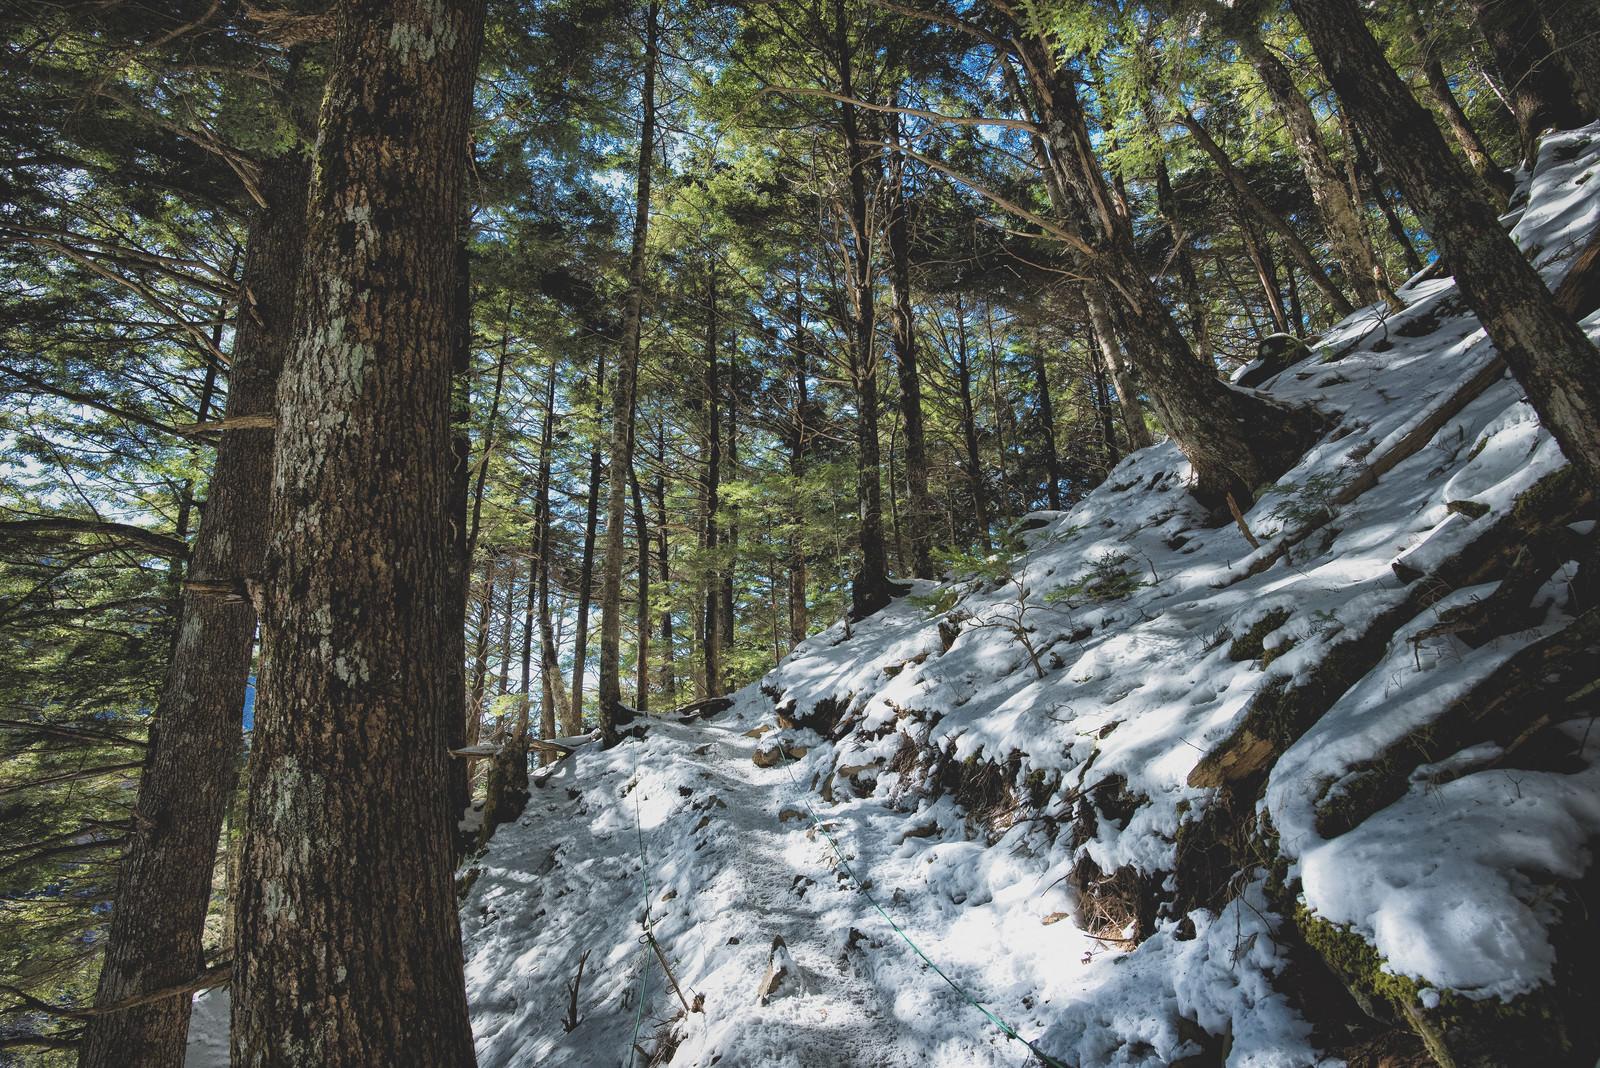 「残雪と木々の緑に降り注ぐ木漏れ日」の写真